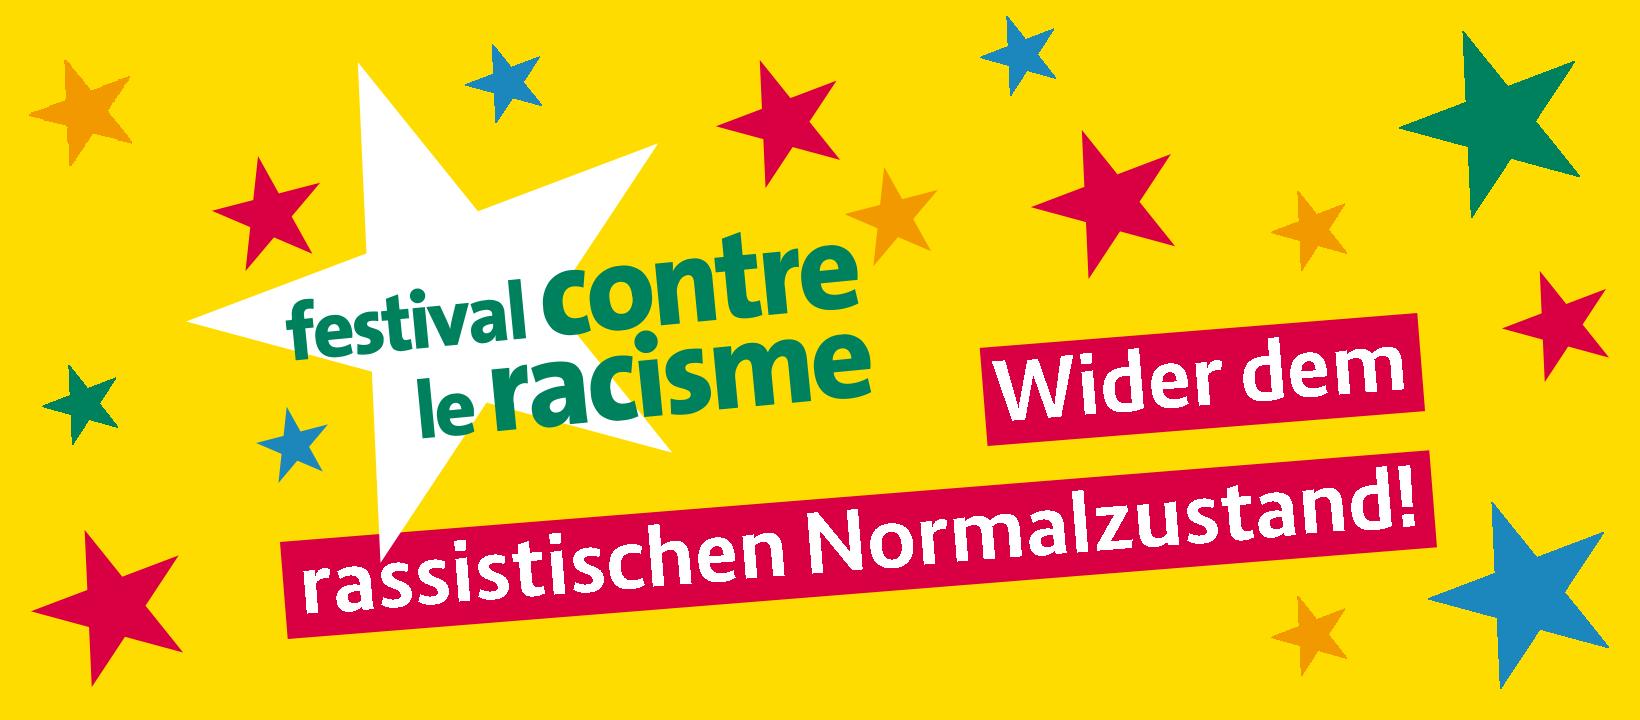 festival contre le racisme